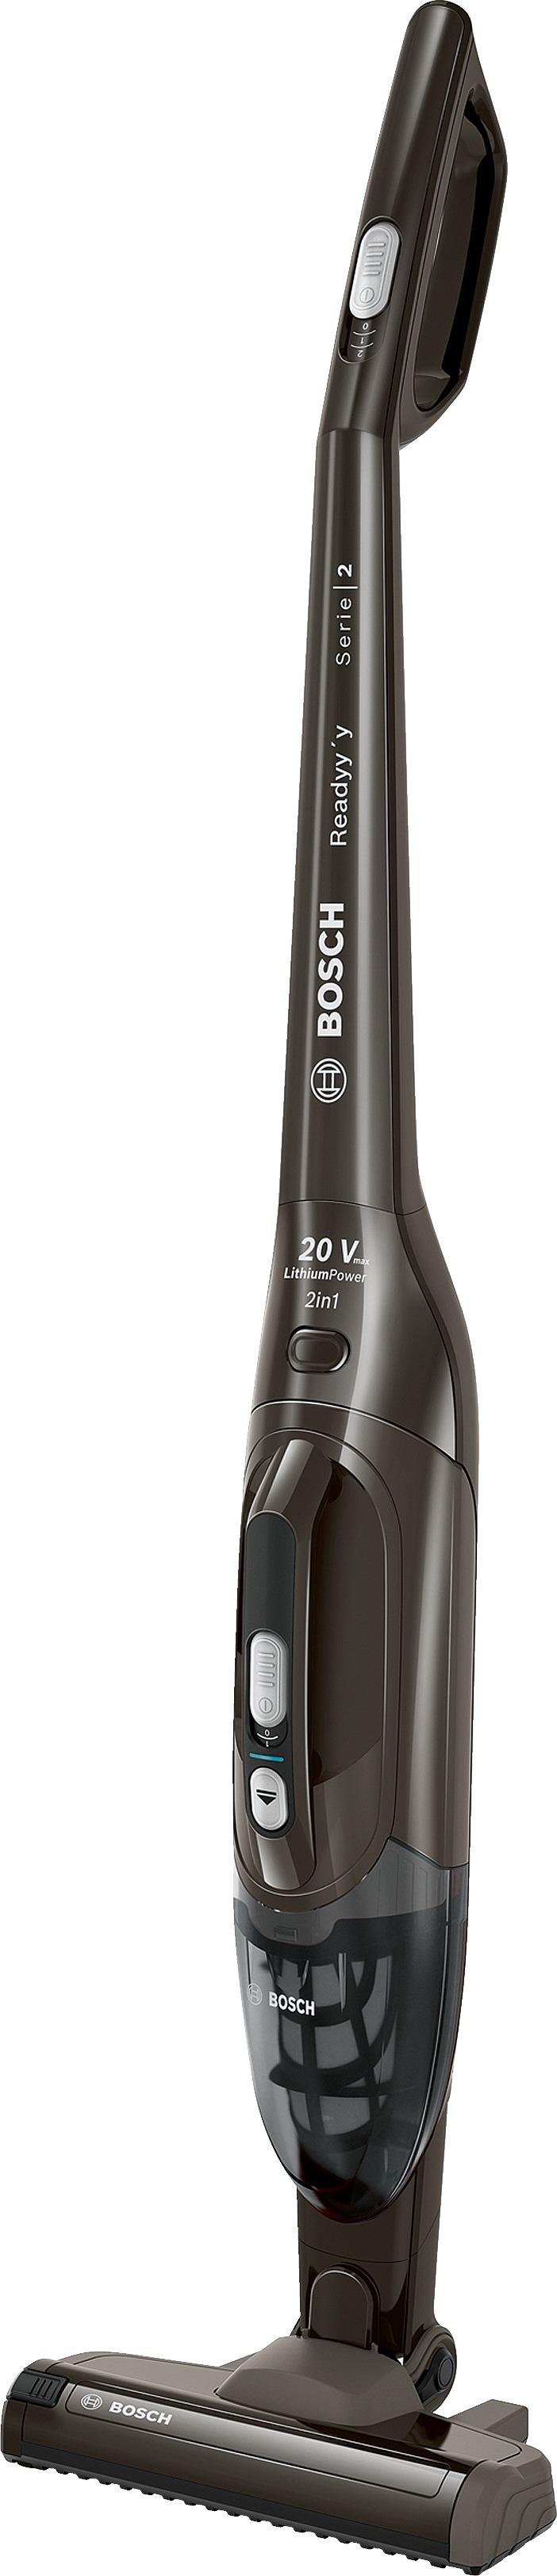 Bosch BCHF220T steelstofzuiger